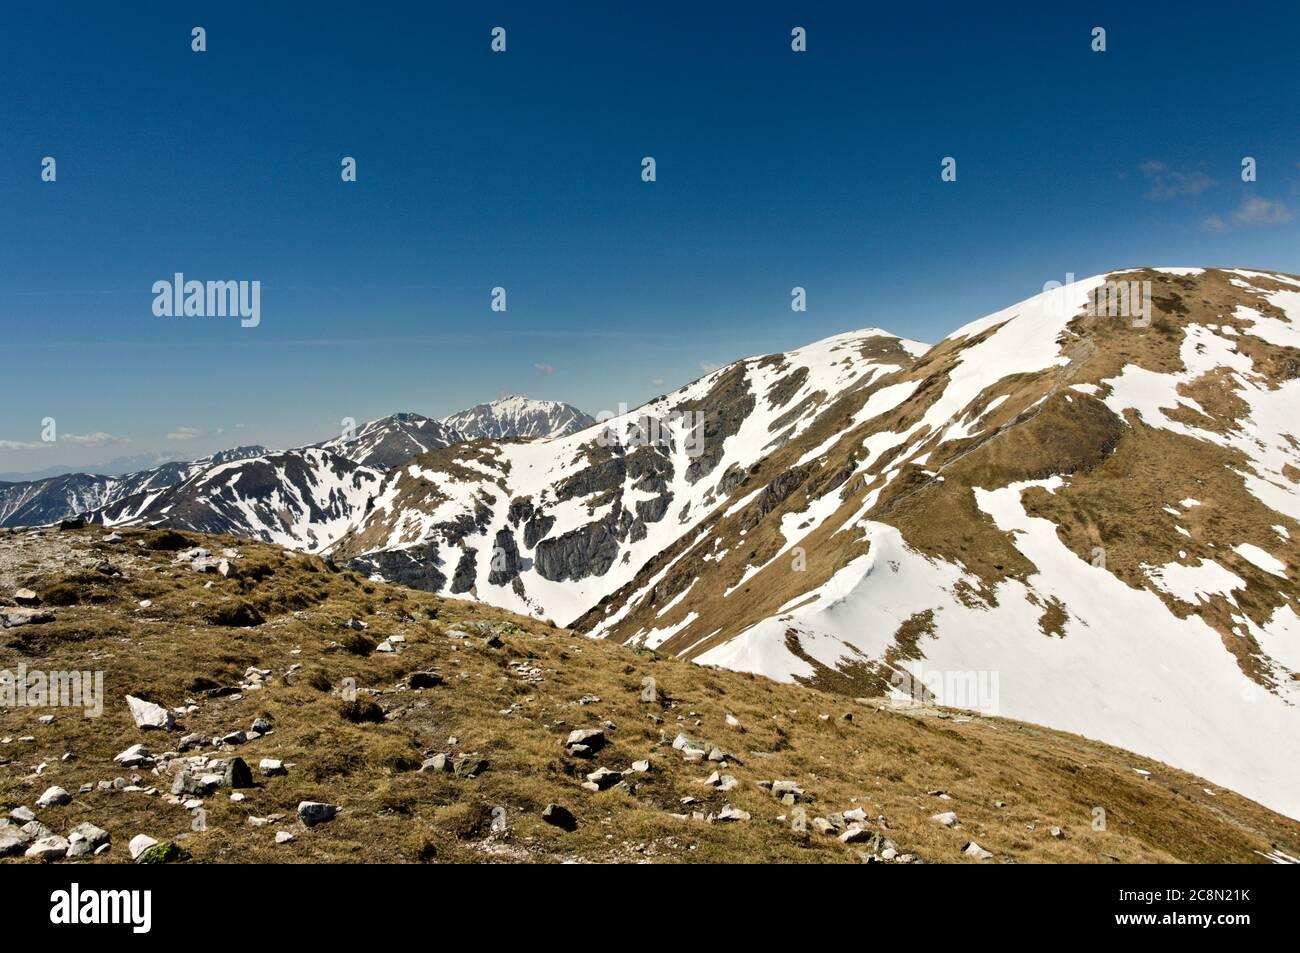 Poland Tatra Mountains. May in the Tatras. Blue sky. Stock Photo